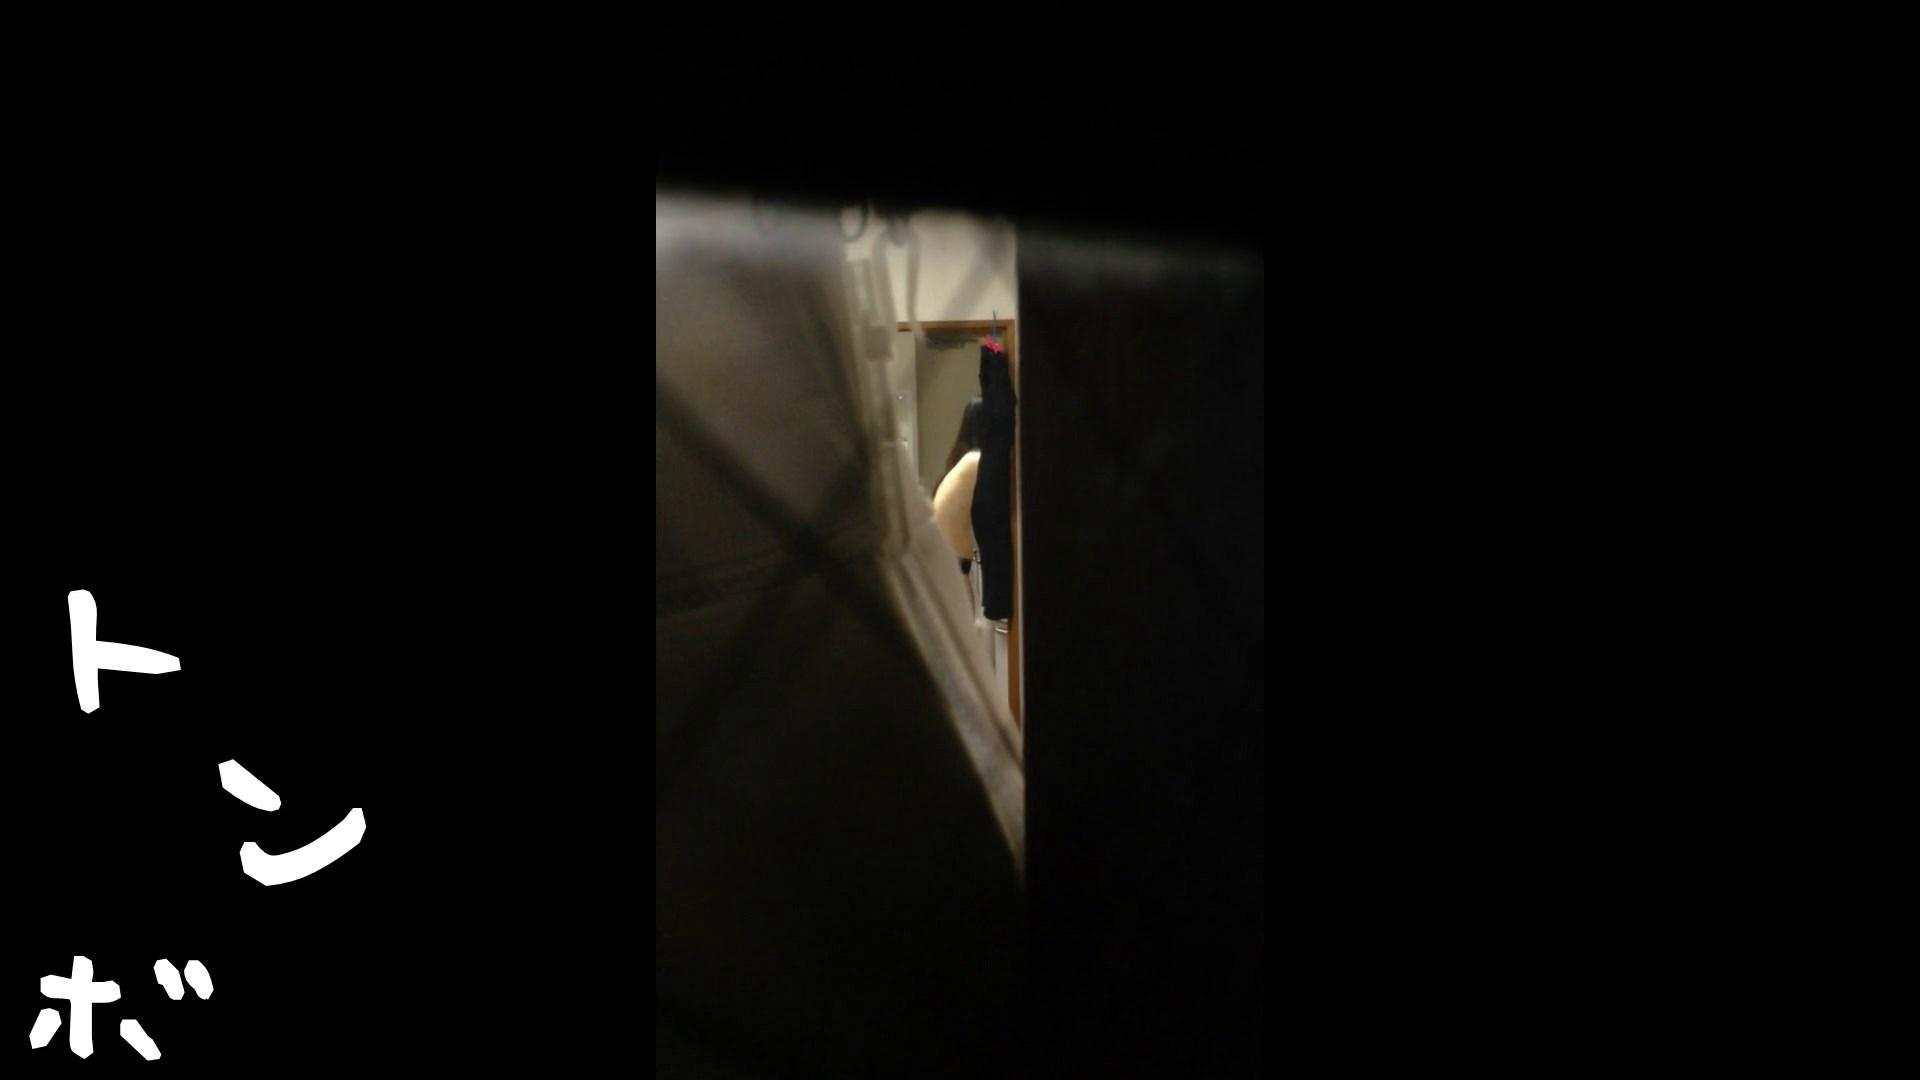 【リアル盗撮】元ジュディマリのYIUKI似 某歌手丸秘ヌード 潜入エロ調査   美女達のヌード  61連発 15